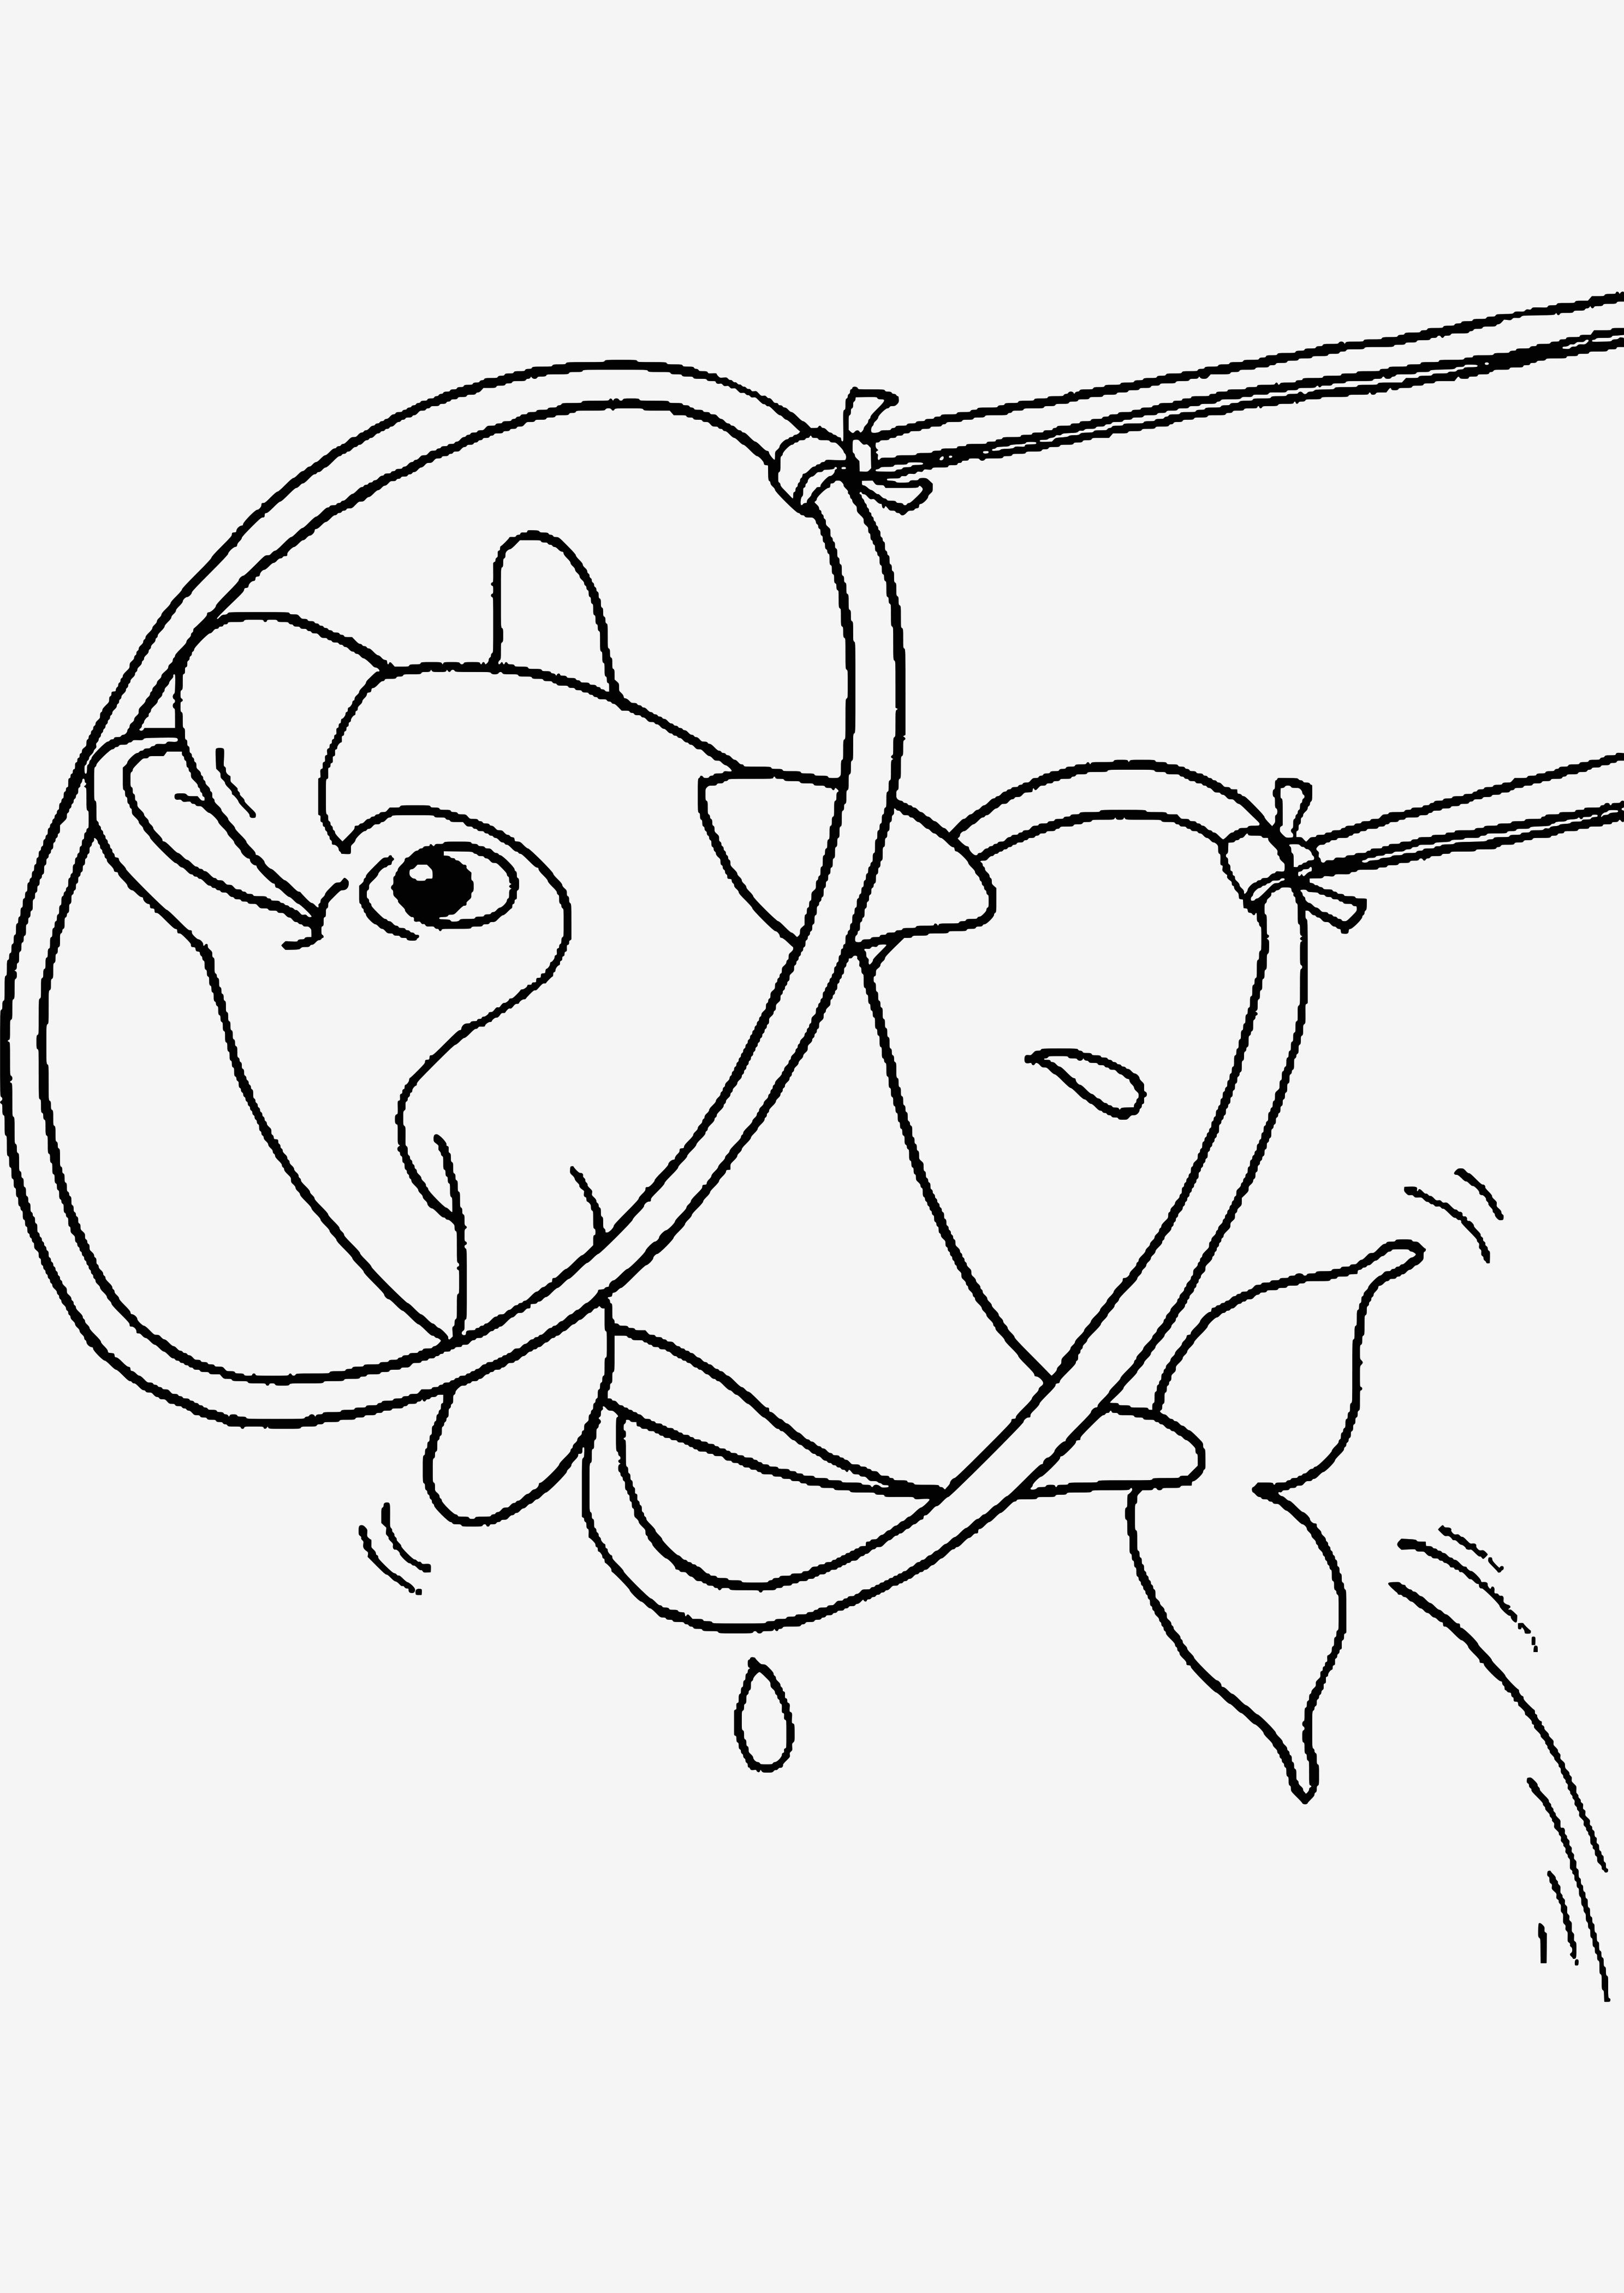 Ausmalbilder Delphine Zum Ausdrucken Neu Bilder Zum Ausmalen Bekommen Meerjungfrau Malvorlagen Stock